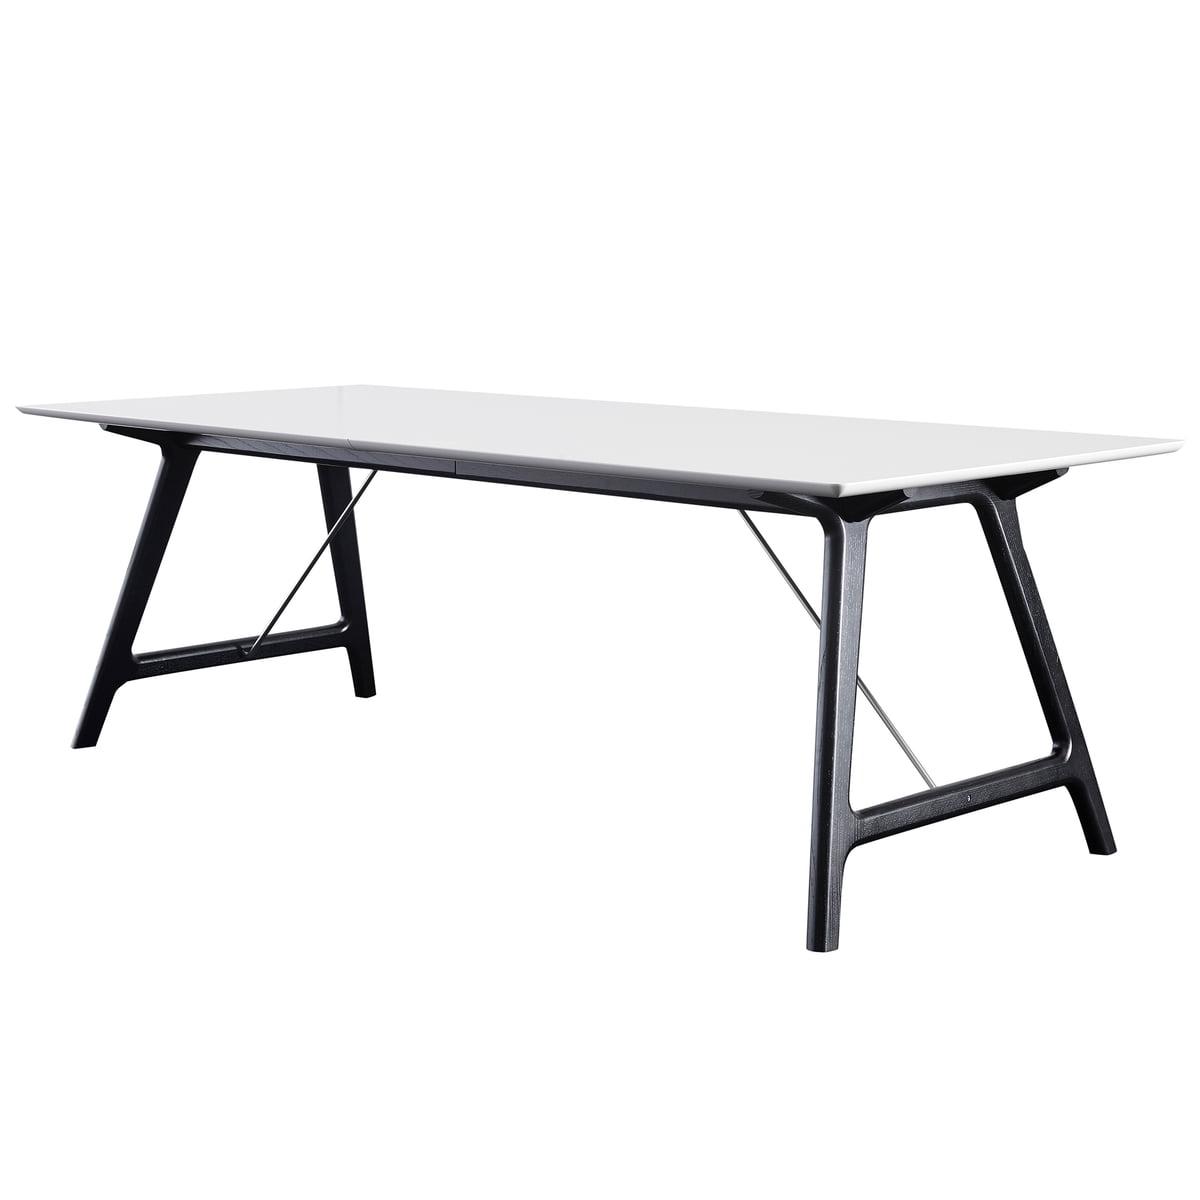 Andersen Furniture - T7 Ausziehtisch 220 cm, Eiche schwarz / Laminat weiß   Baumarkt > Bodenbeläge > Laminat   Weiß   Untergestell: eiche massiv -  tischplatte: tischplatte 28 mm mdf mit hochdrucklaminat   Andersen Furniture